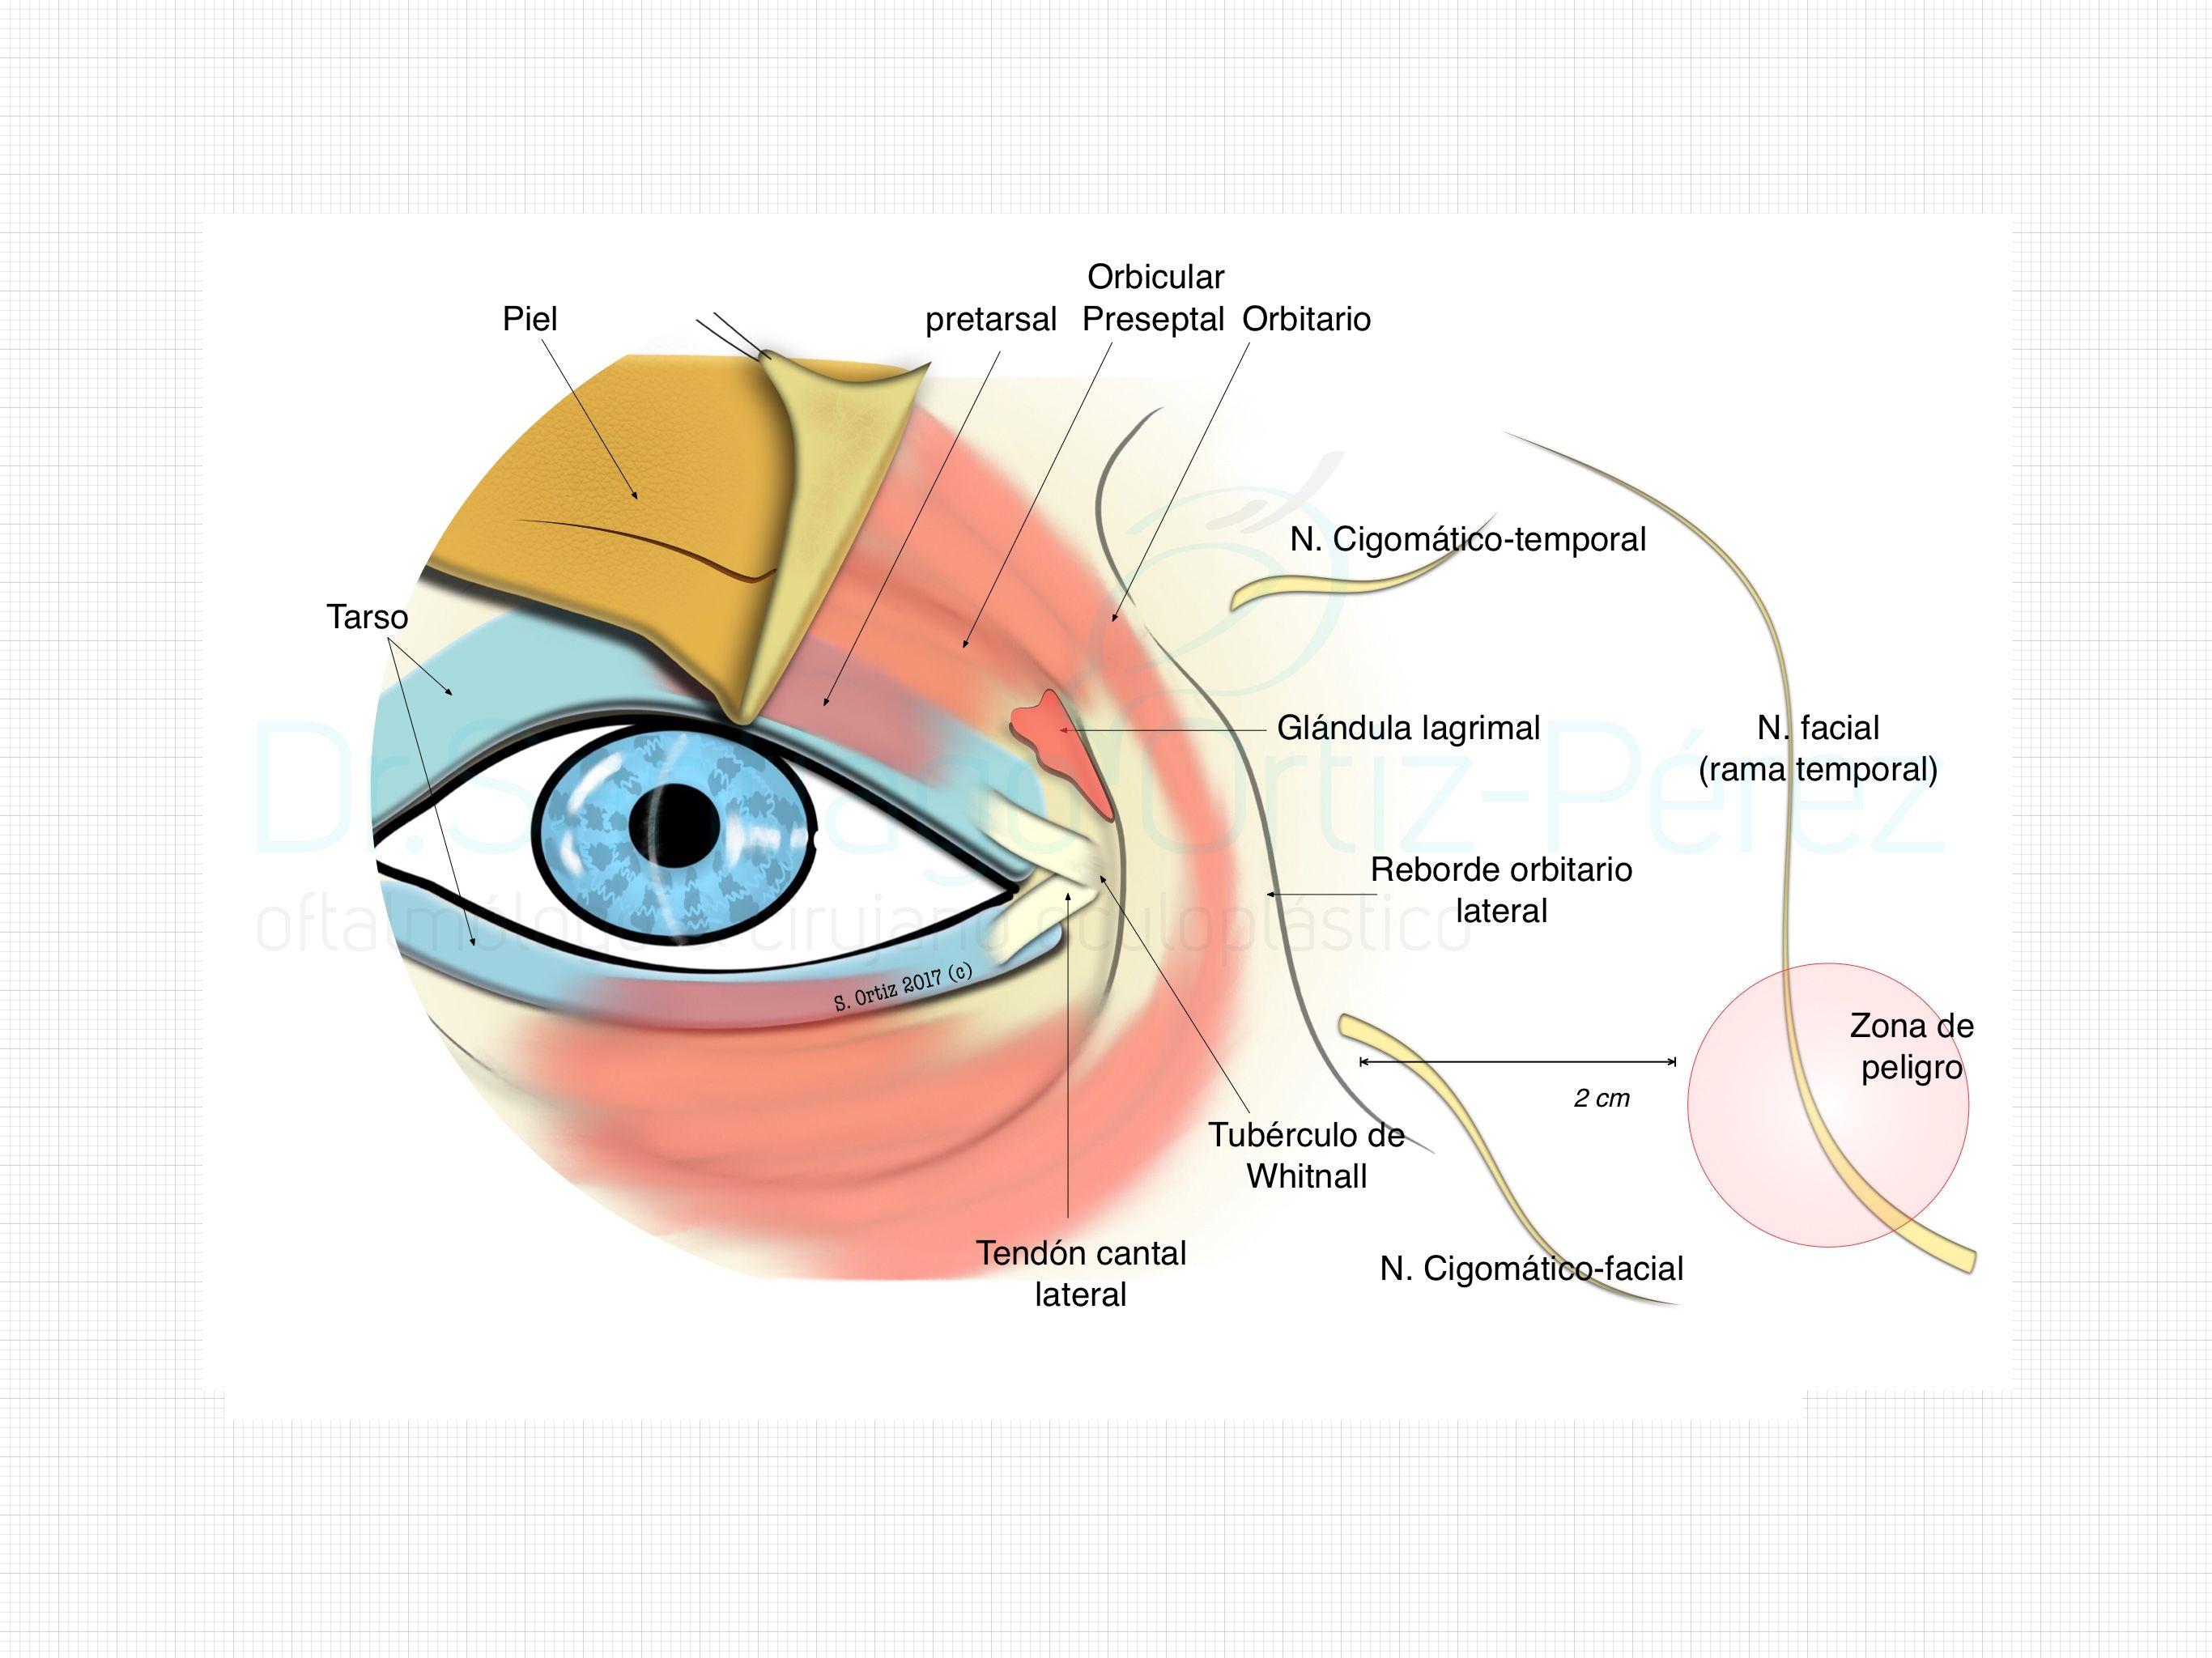 Lujo Anatomía De La Glándula Lagrimal Modelo - Imágenes de Anatomía ...